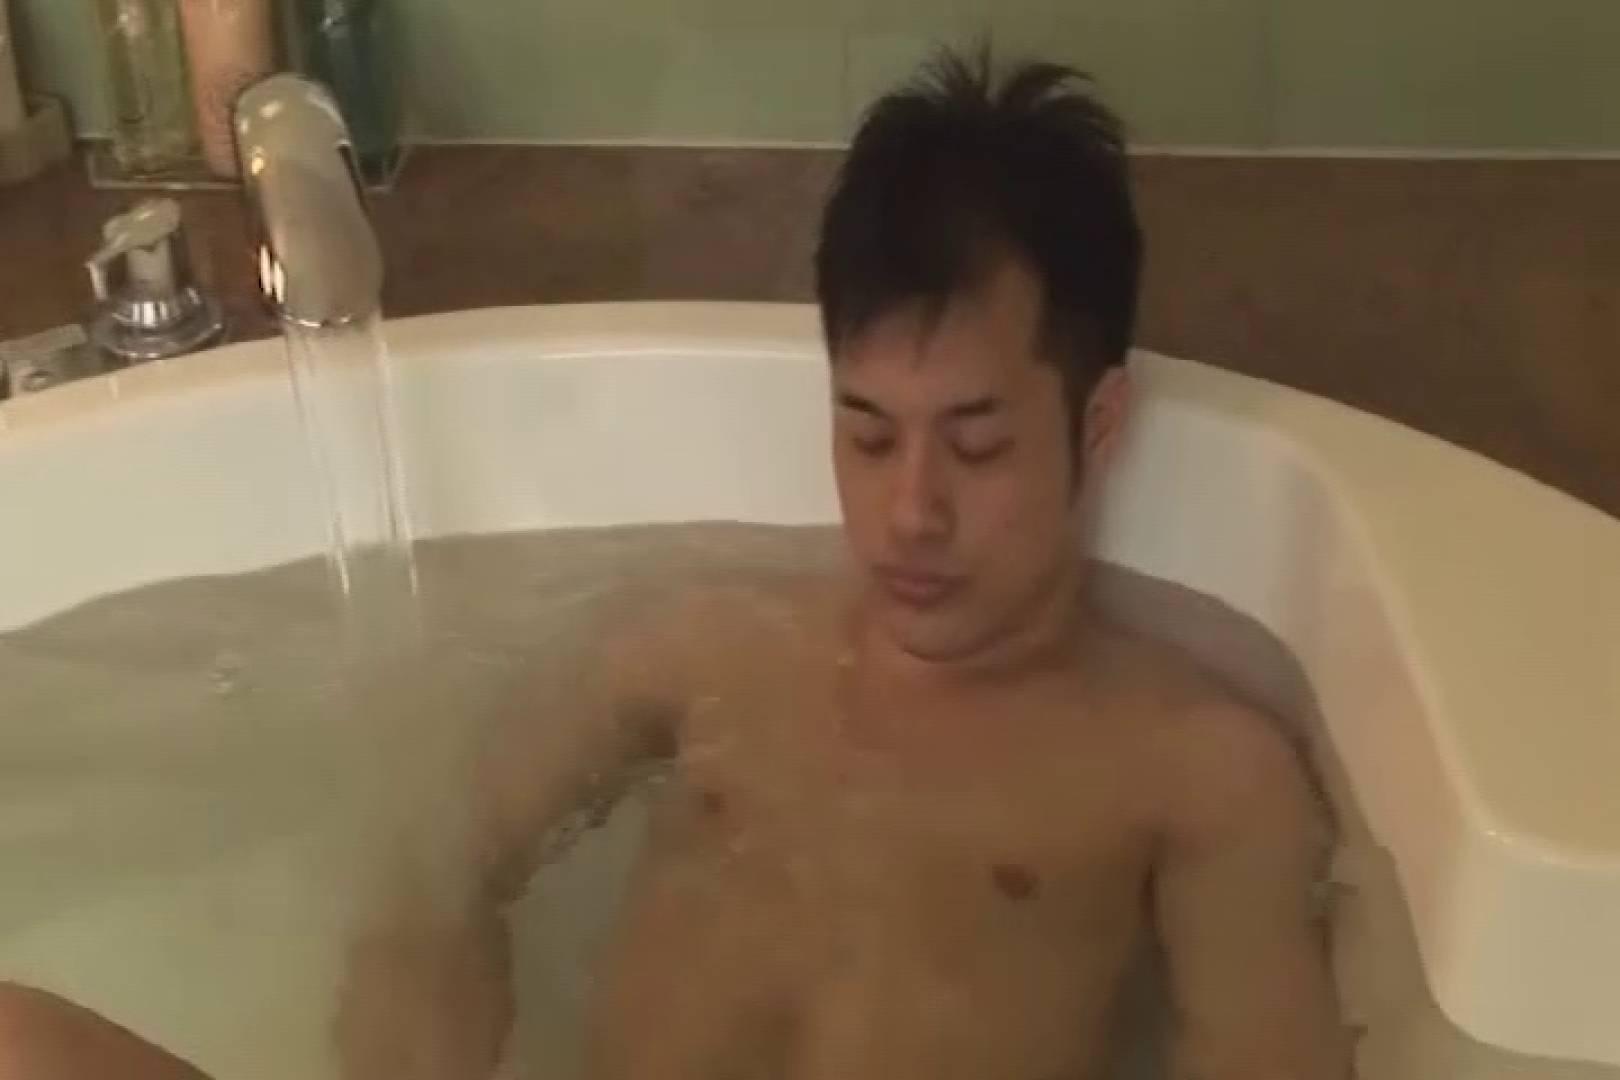 暴れん棒!!雄穴を狙え!! vol.02 オナニー ゲイアダルト画像 95枚 31